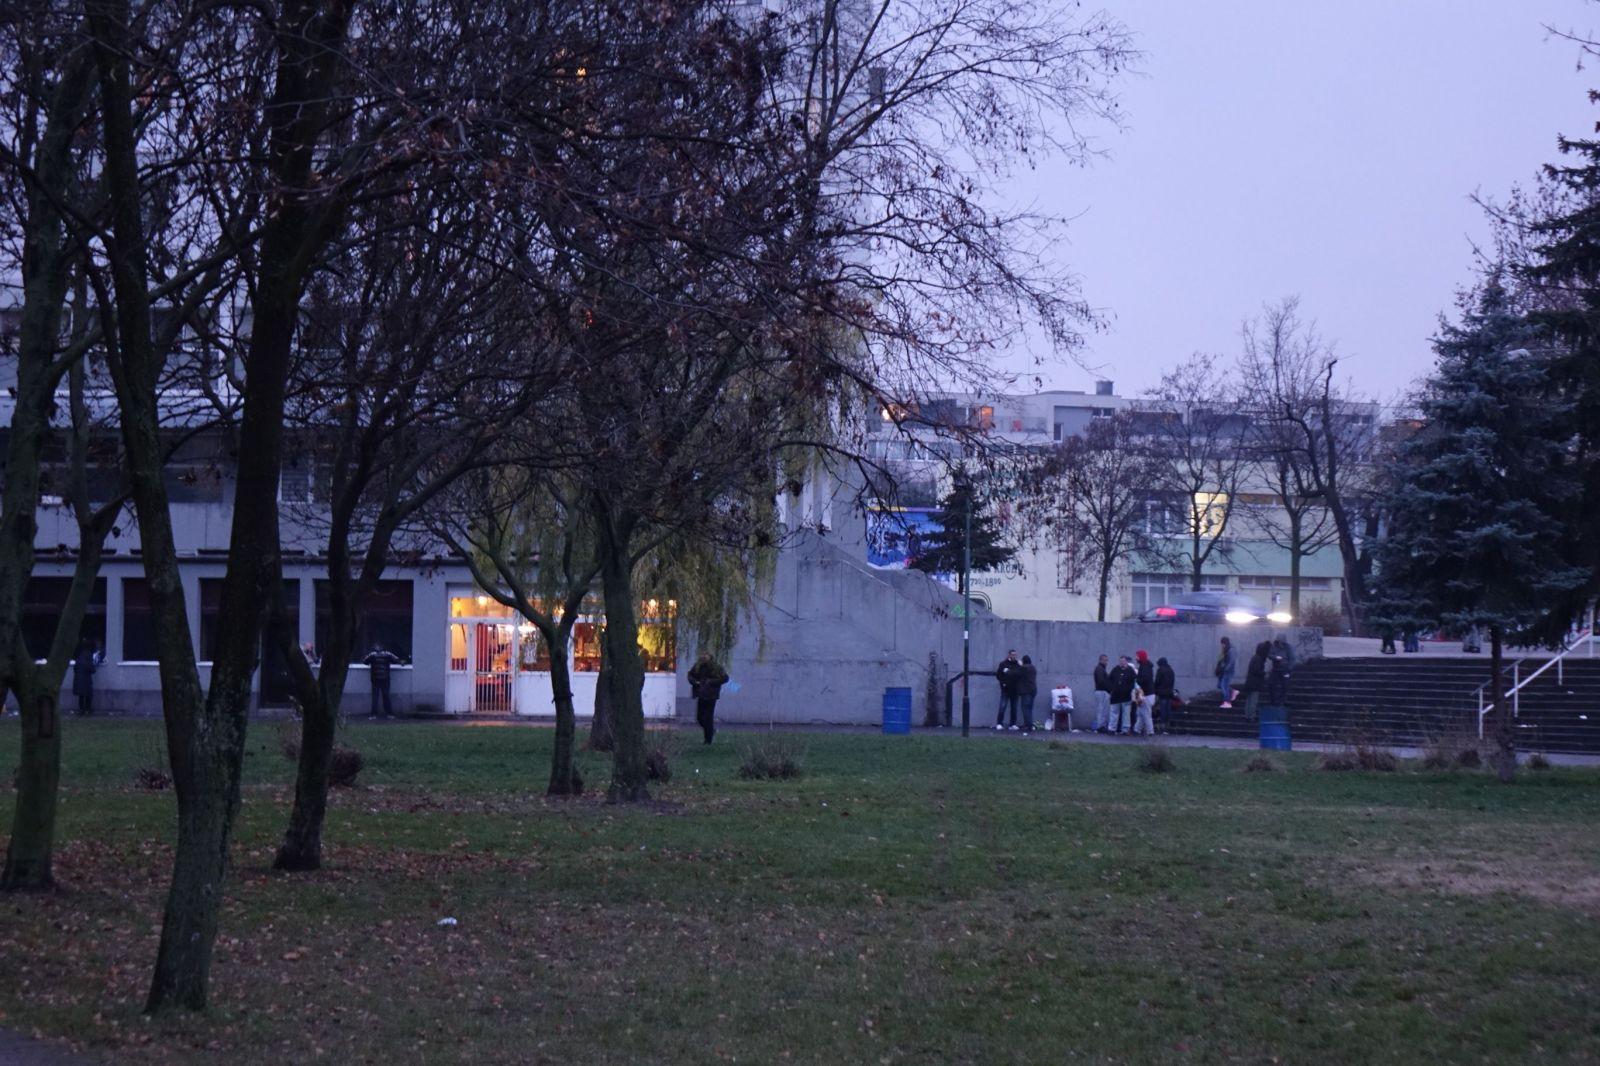 Zobrali nás do Pentagonu: Neslávne miesto sa pomaly mení, takto to tam vyzerá dnes